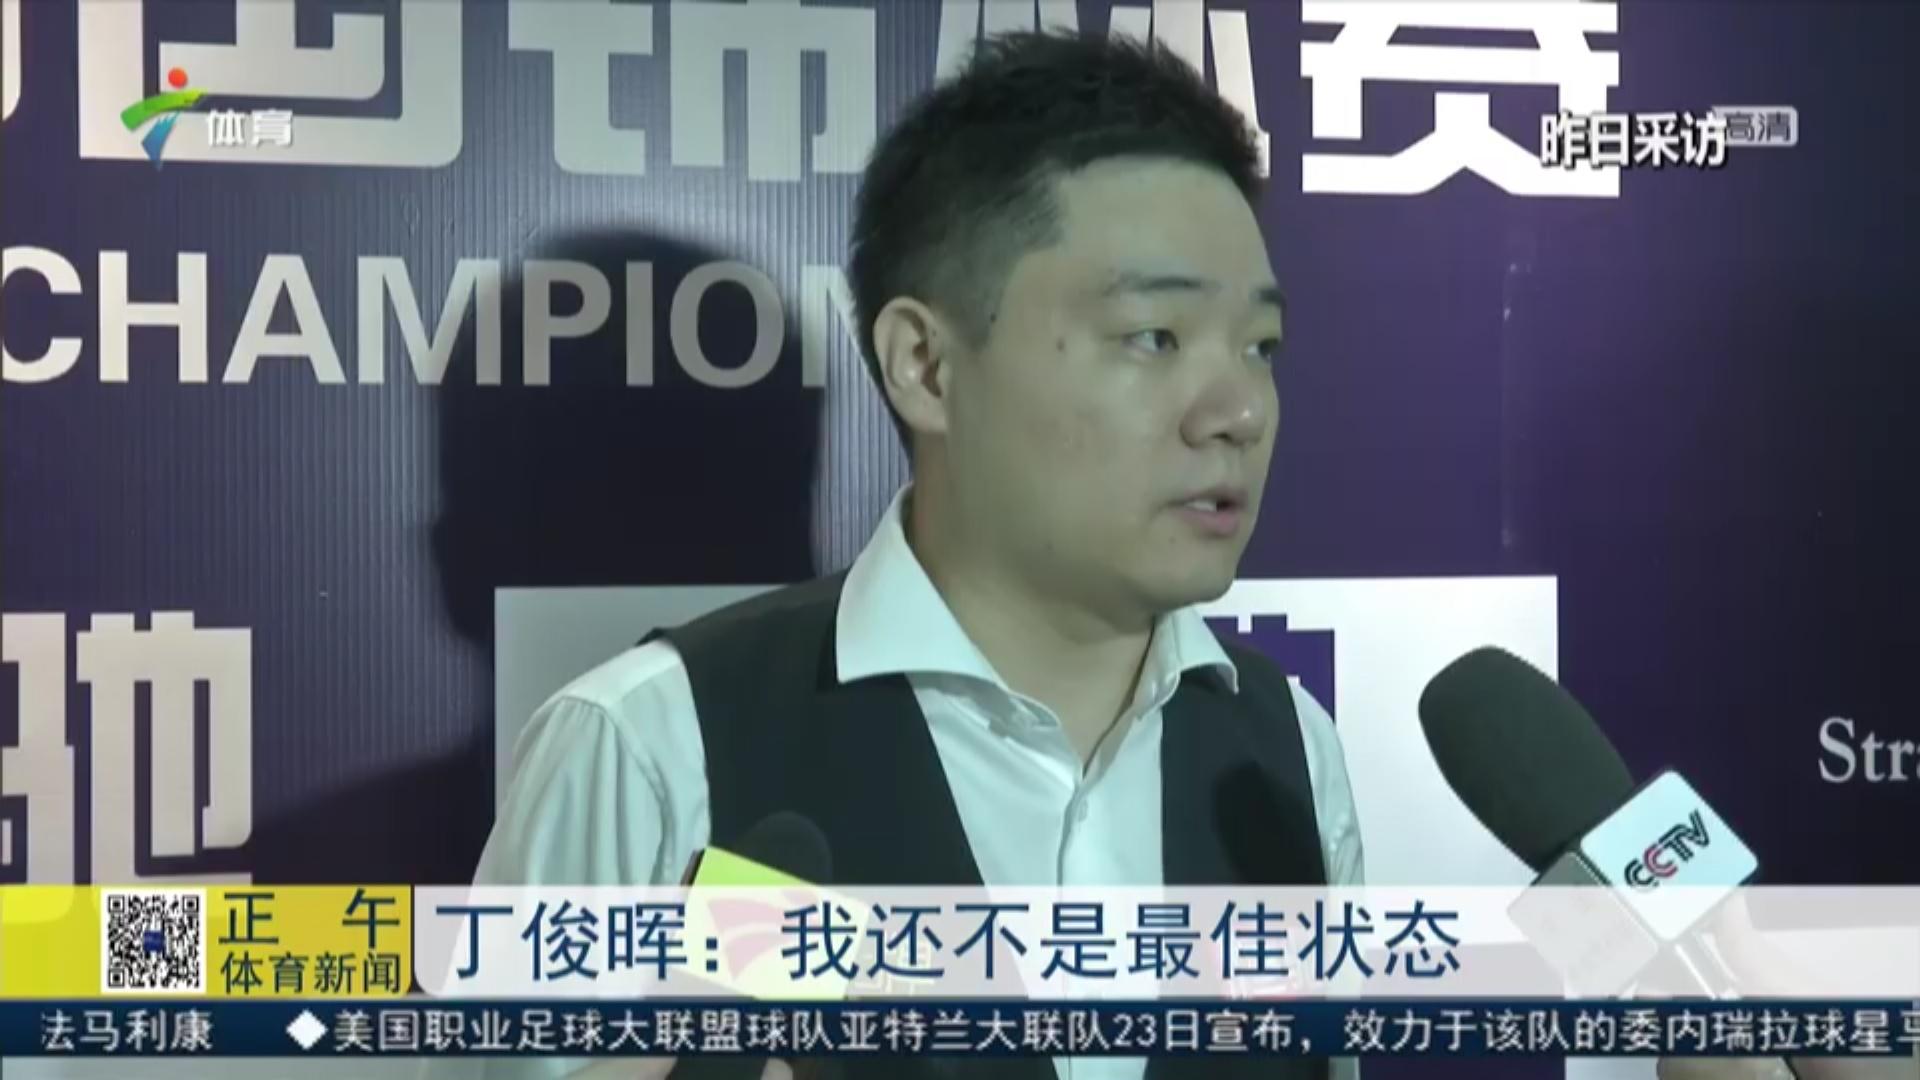 丁俊晖:我还不是最佳状态